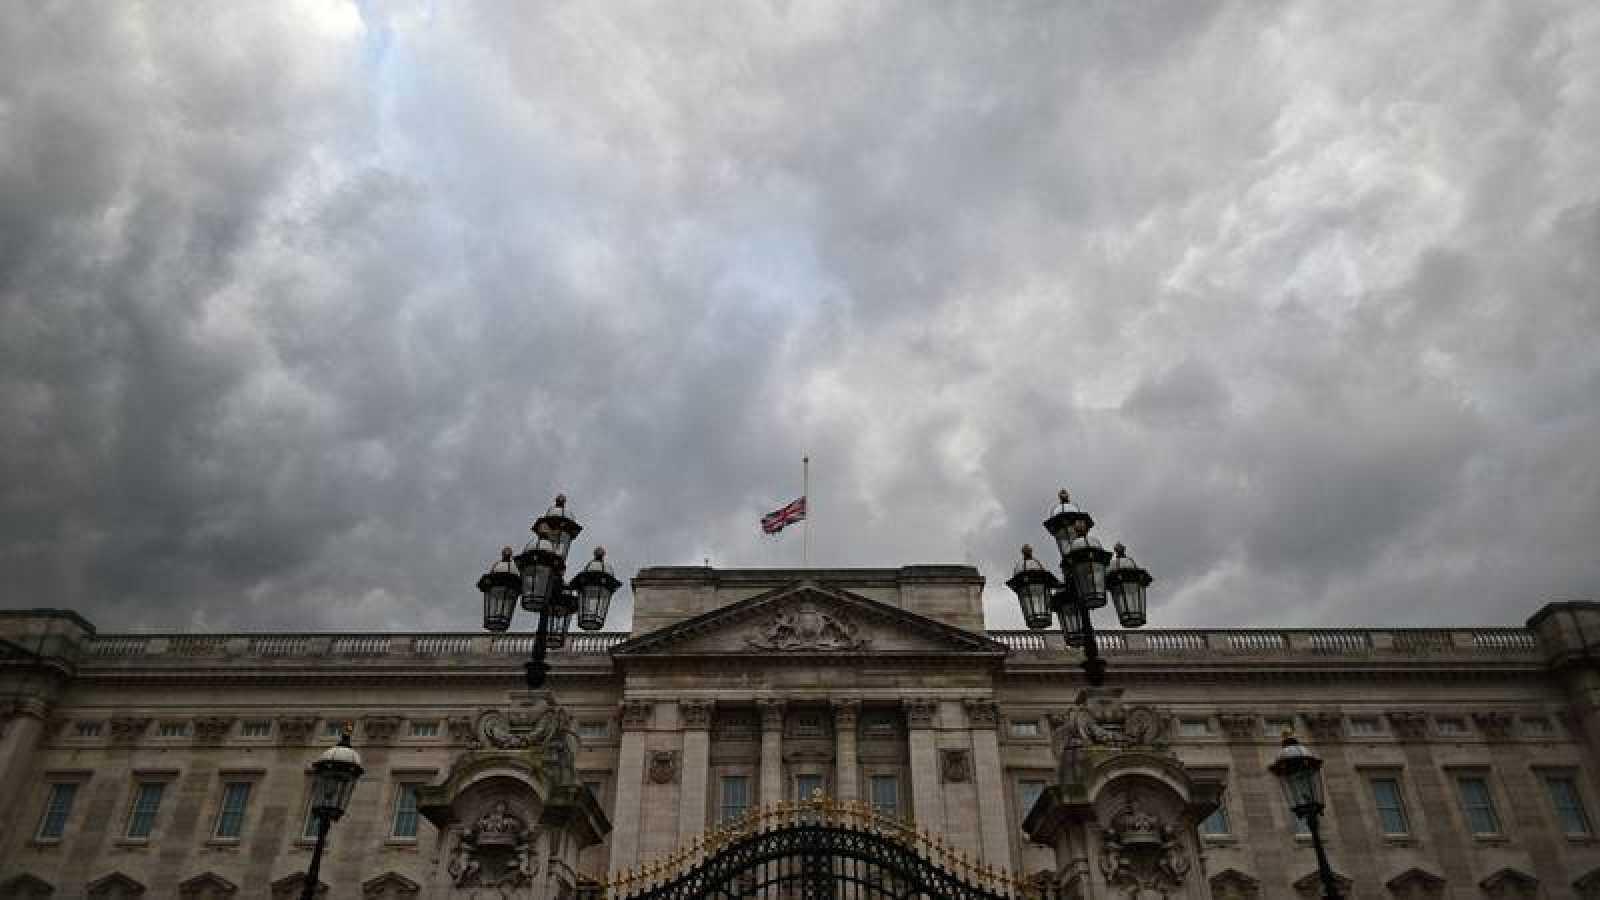 La bandera del Reino Unido ondea a media asta en el Palacio de Buckingham, Londres, en señal de duelo por el fallecimiento del príncipe Felipe, duque de Edimburgo